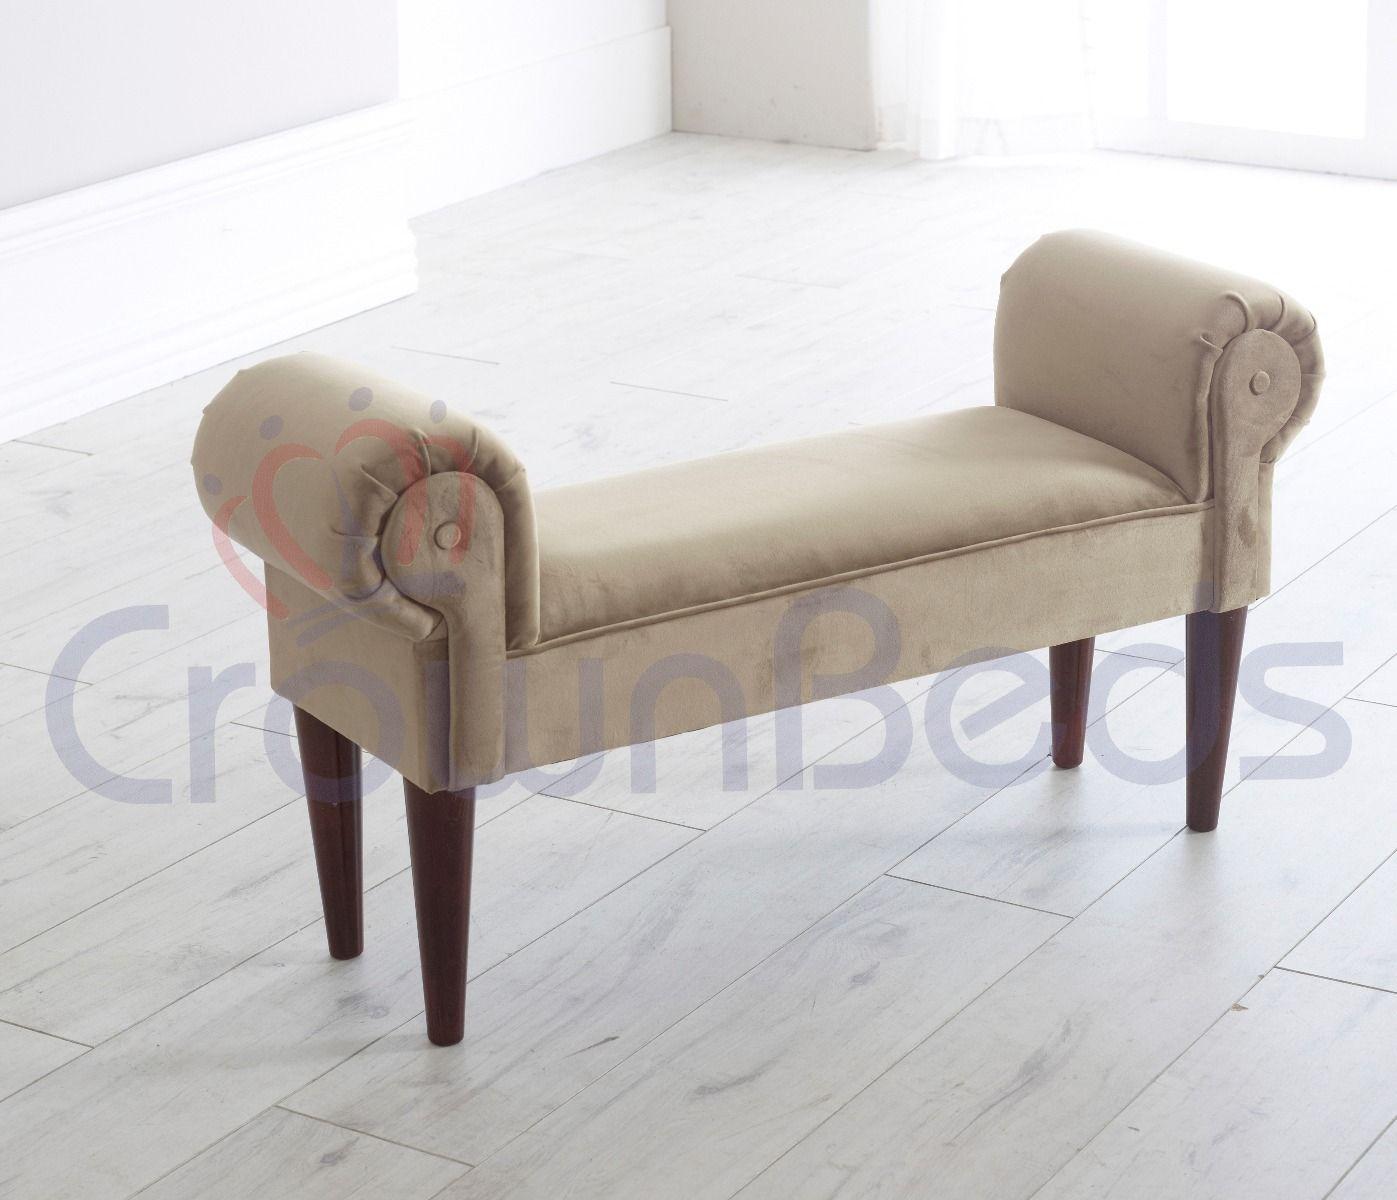 chaise longue lounge bench plush velvet various colours